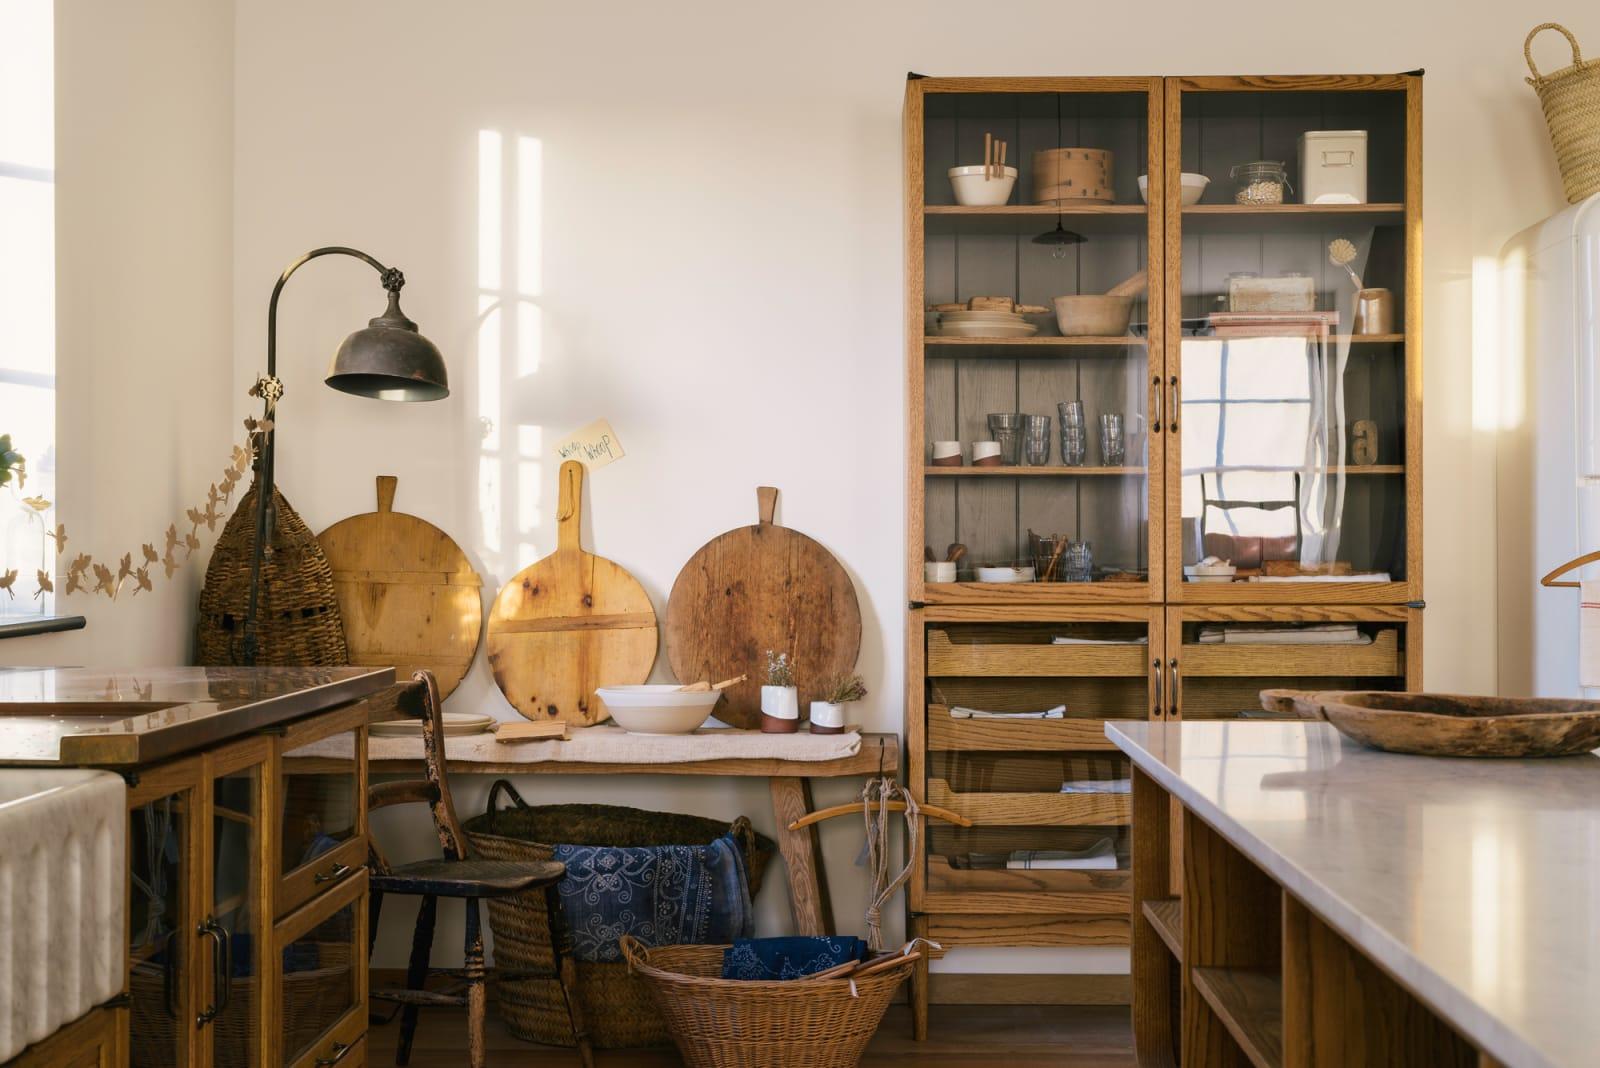 The Haberdasher's Kitchen